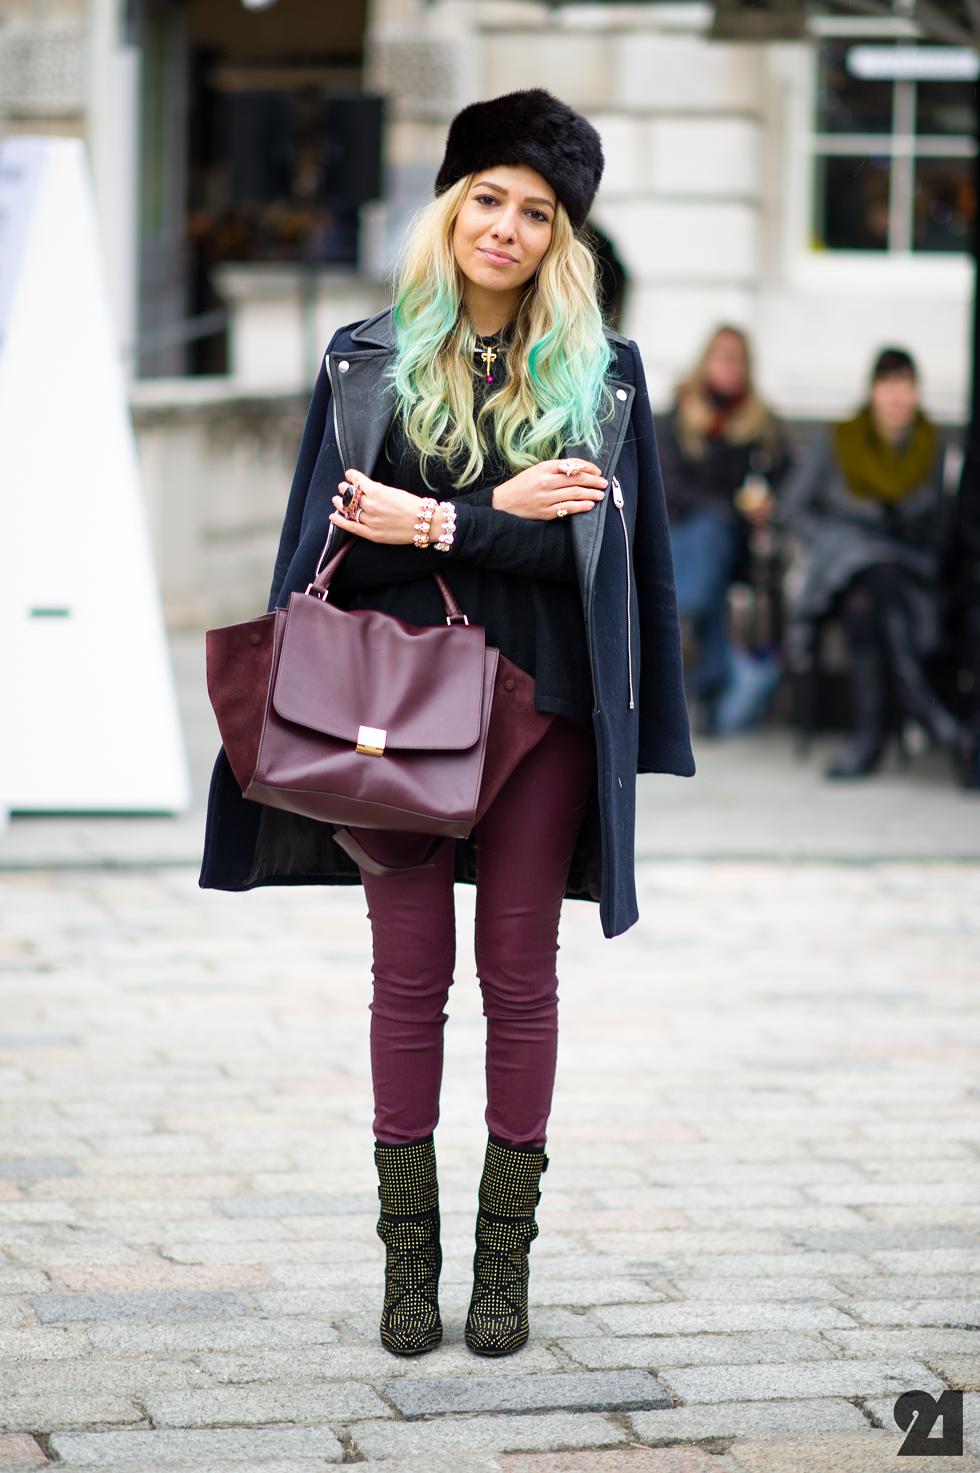 Spanish Fashion Blogger C Mo Combinar La Ropa Y Vestir Bien Ejemplos